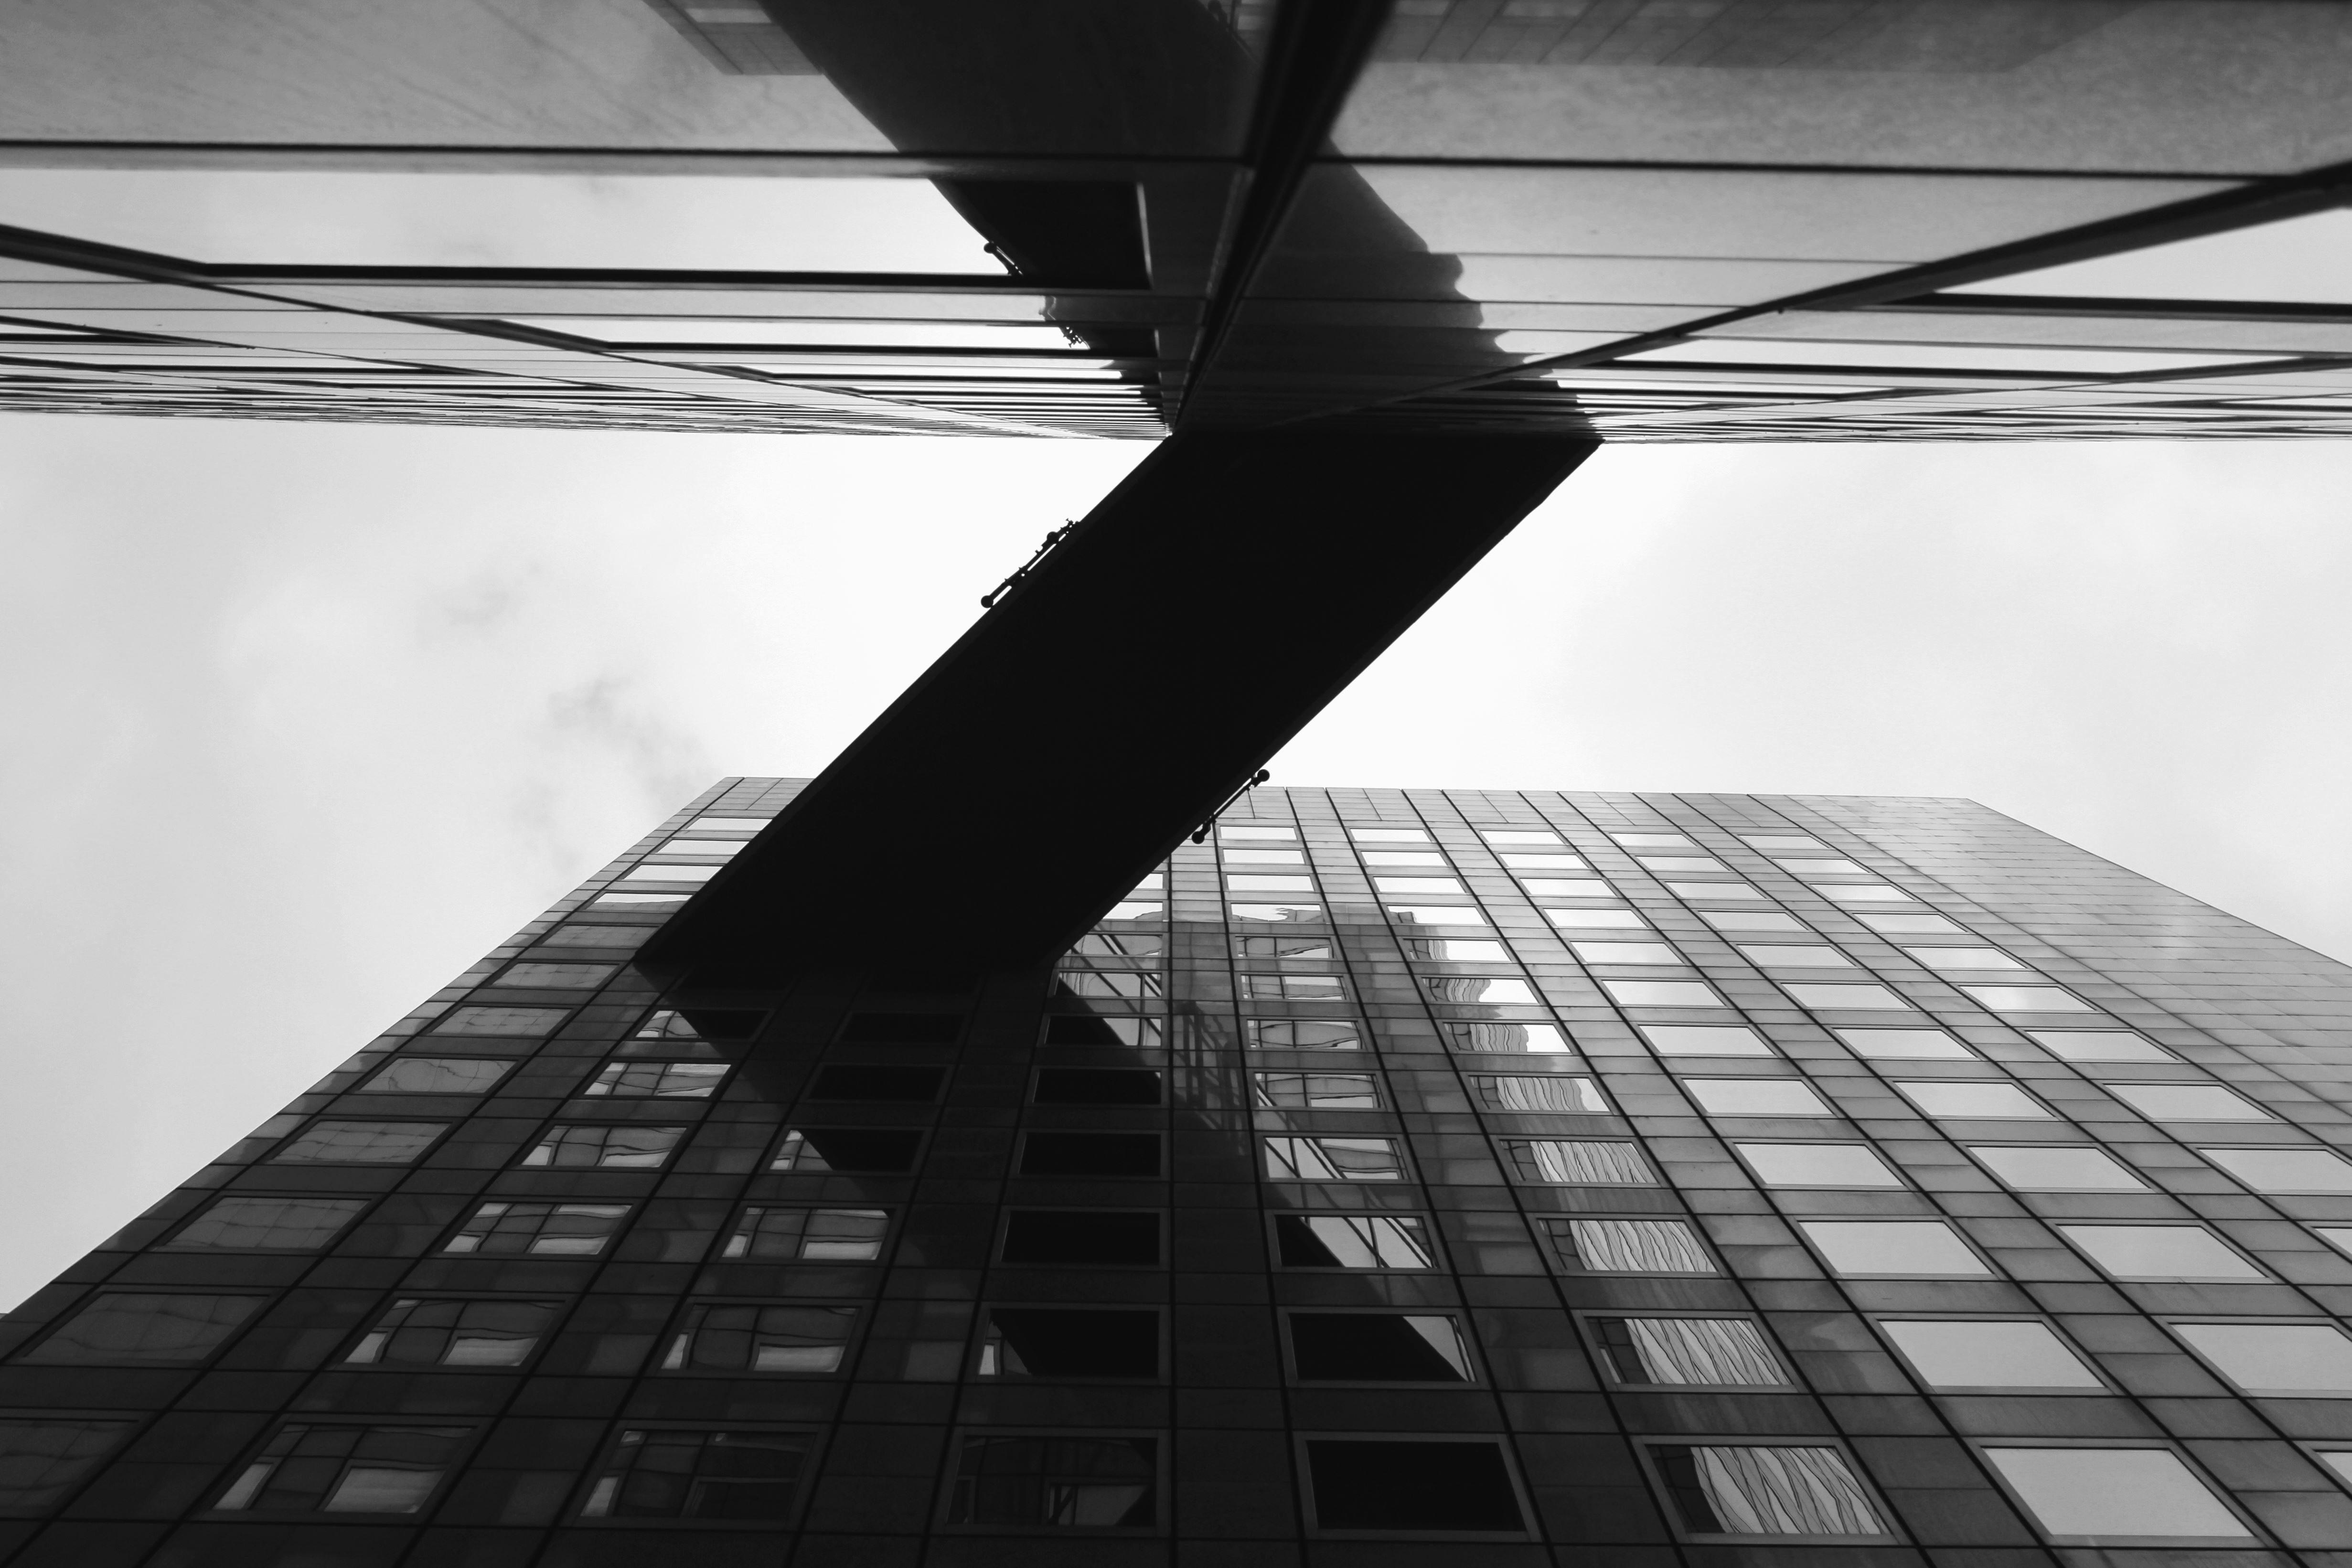 Pont bâtiment verre complexe façade architecture construction